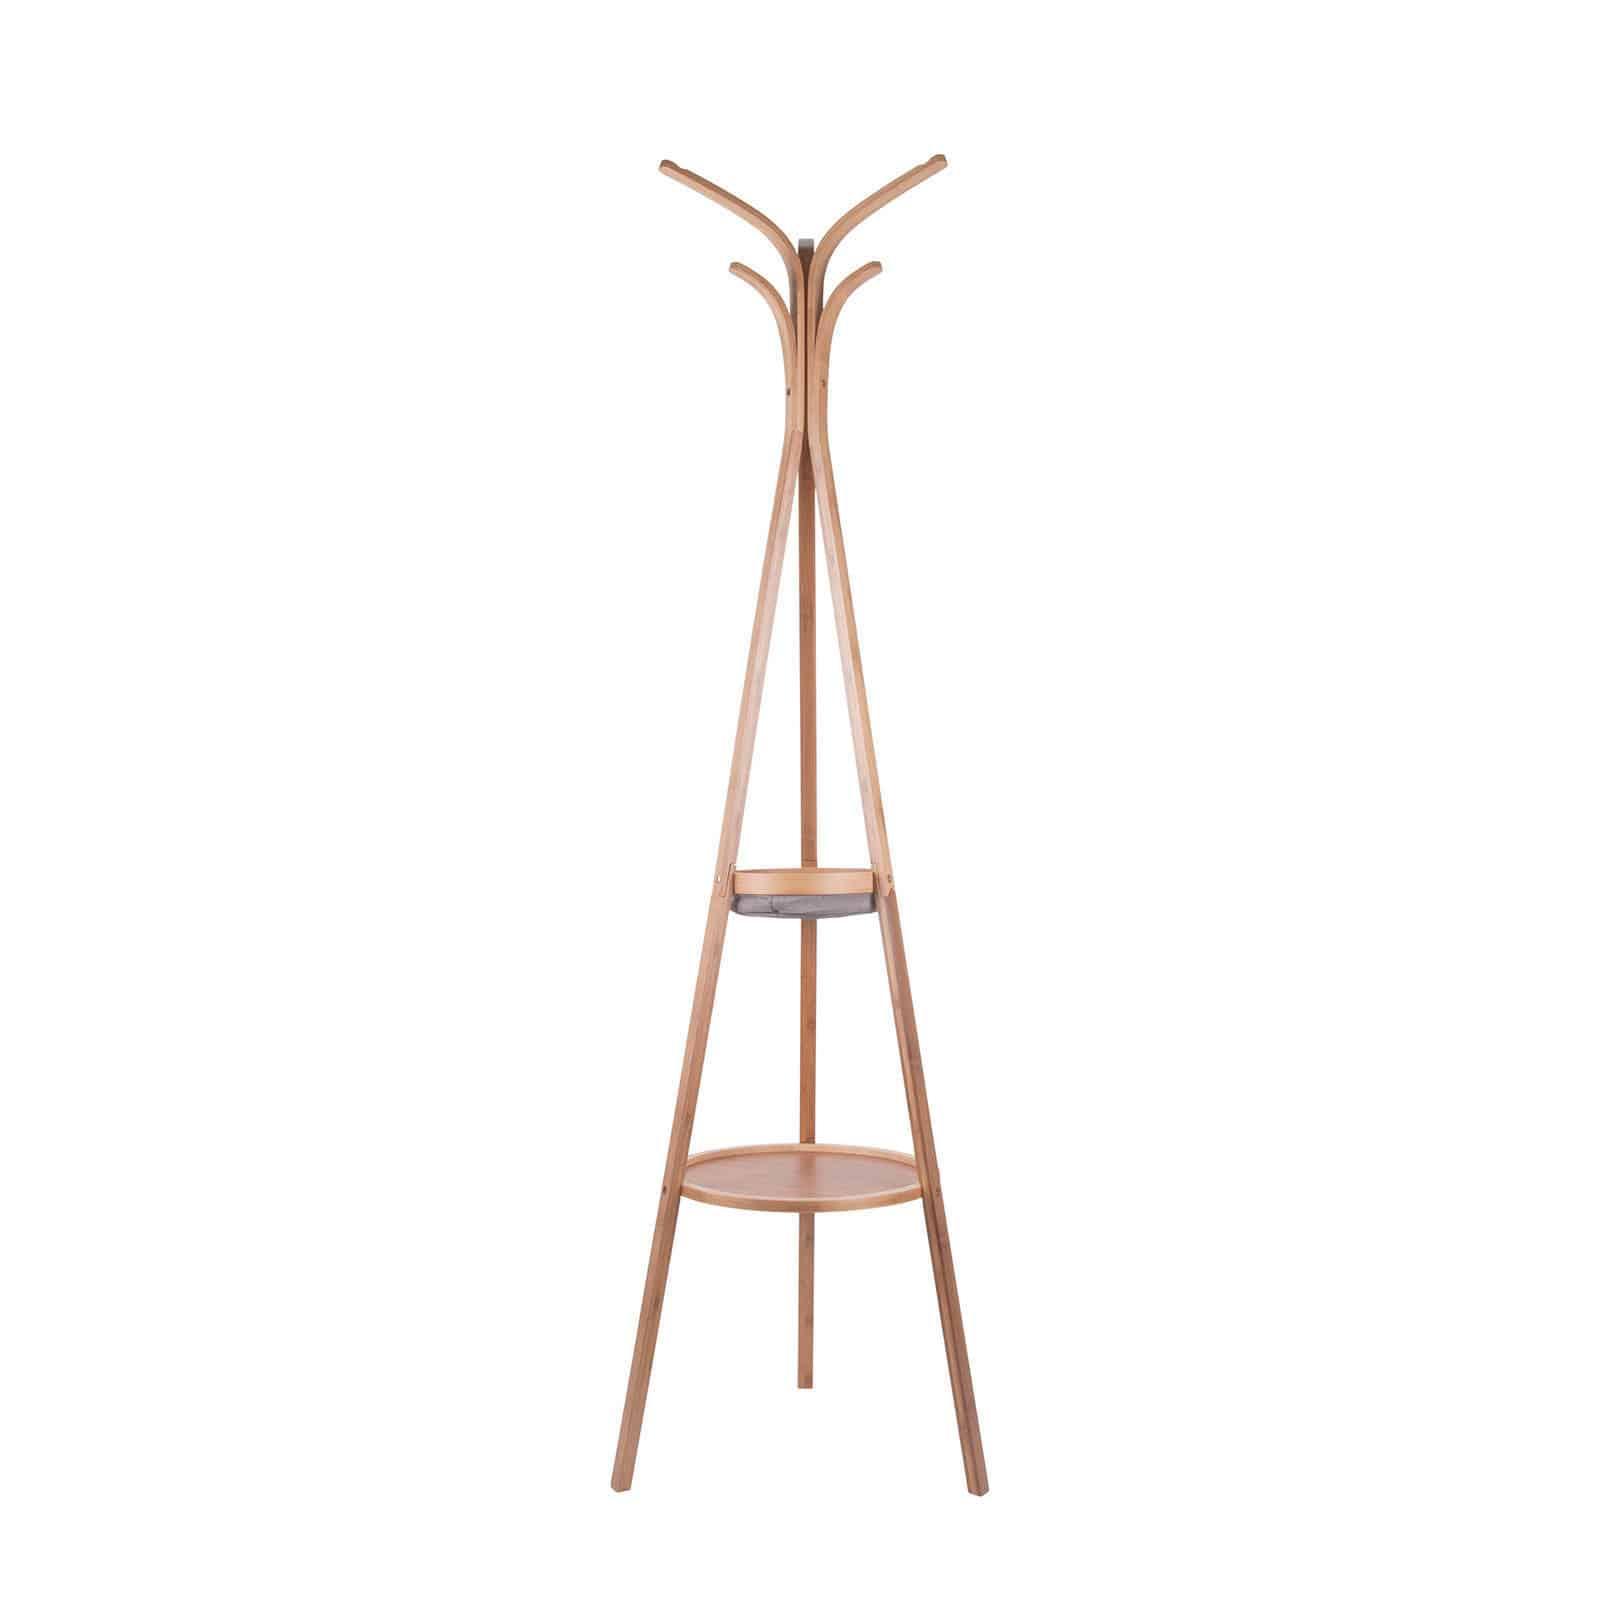 Bamboe kapstok van Leitmotiv